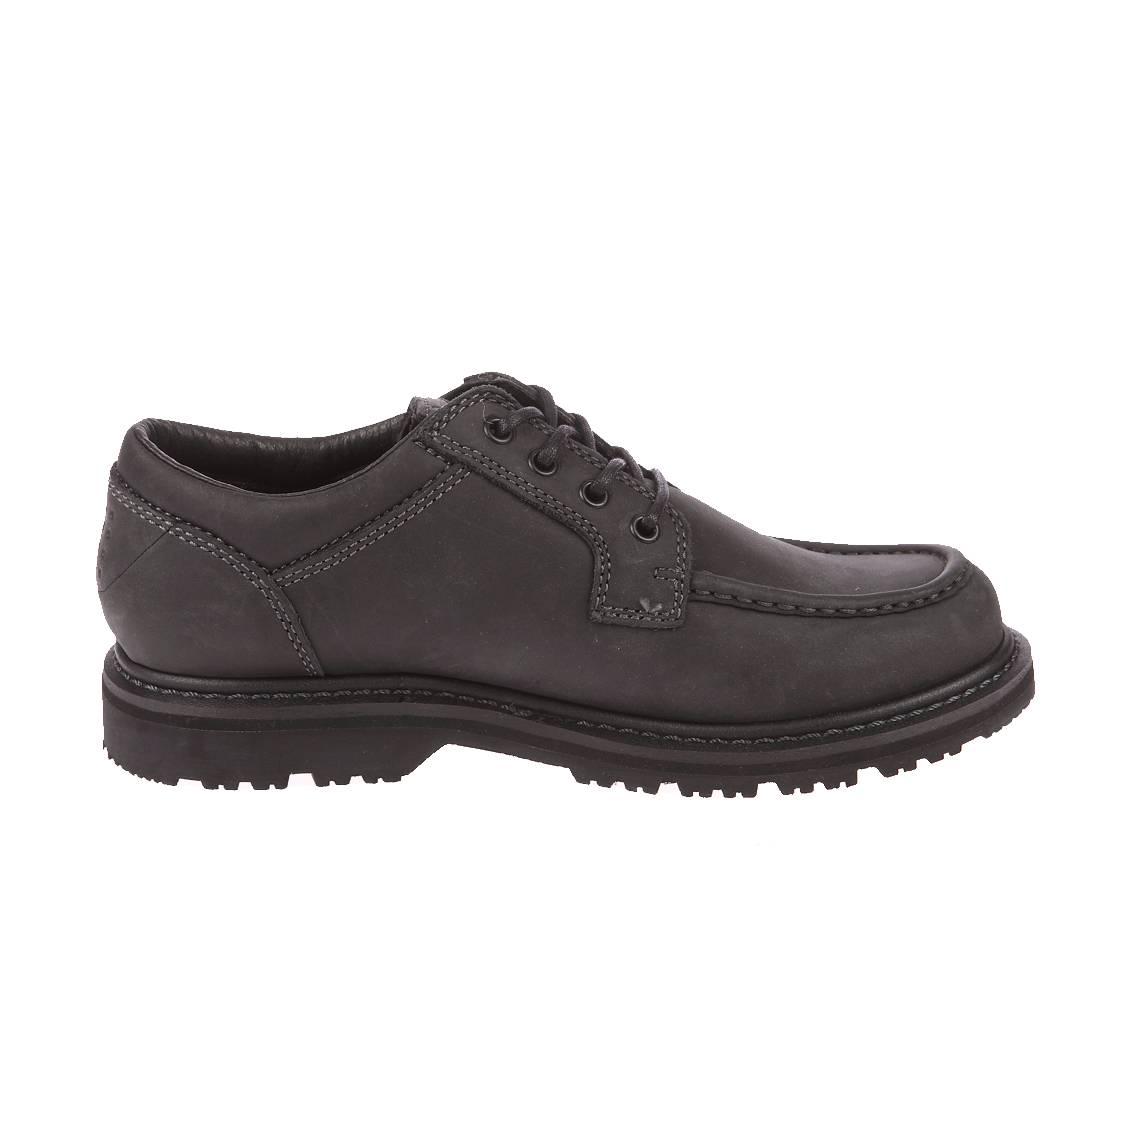 Chaussures Sannio TBS en cuir noir. Chaussures Sannio TBS en cuir noir